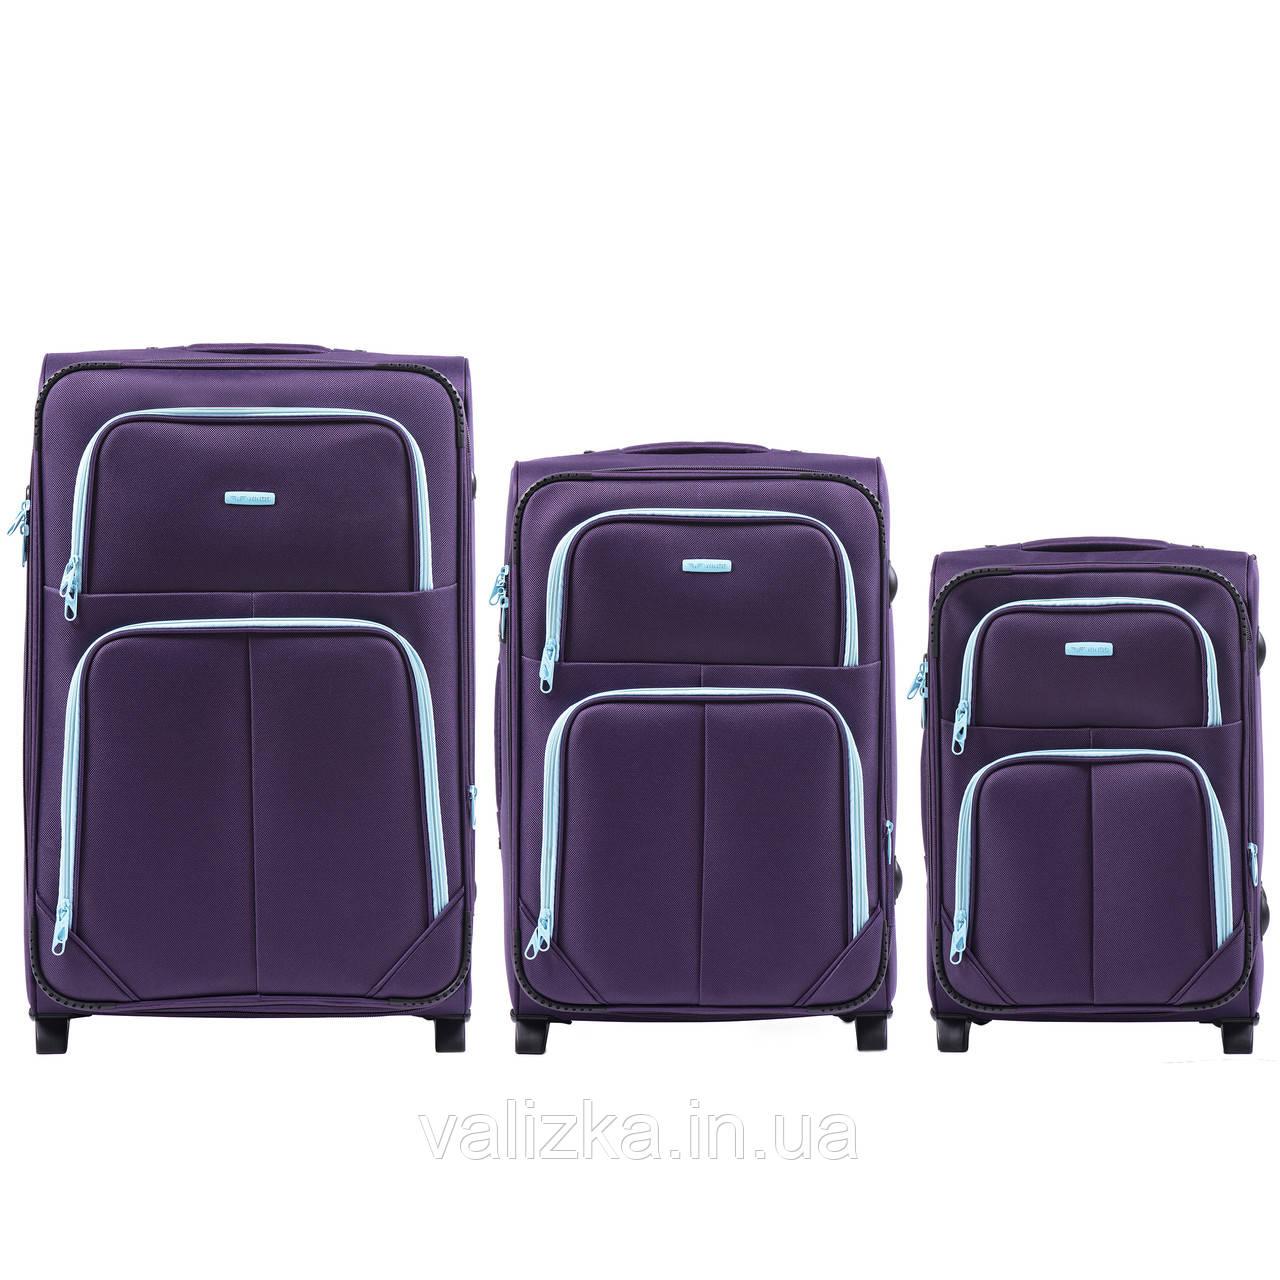 Комплект текстильных чемоданов на 2-х колесах Wings 214  с расширителем, фиолетового цвета